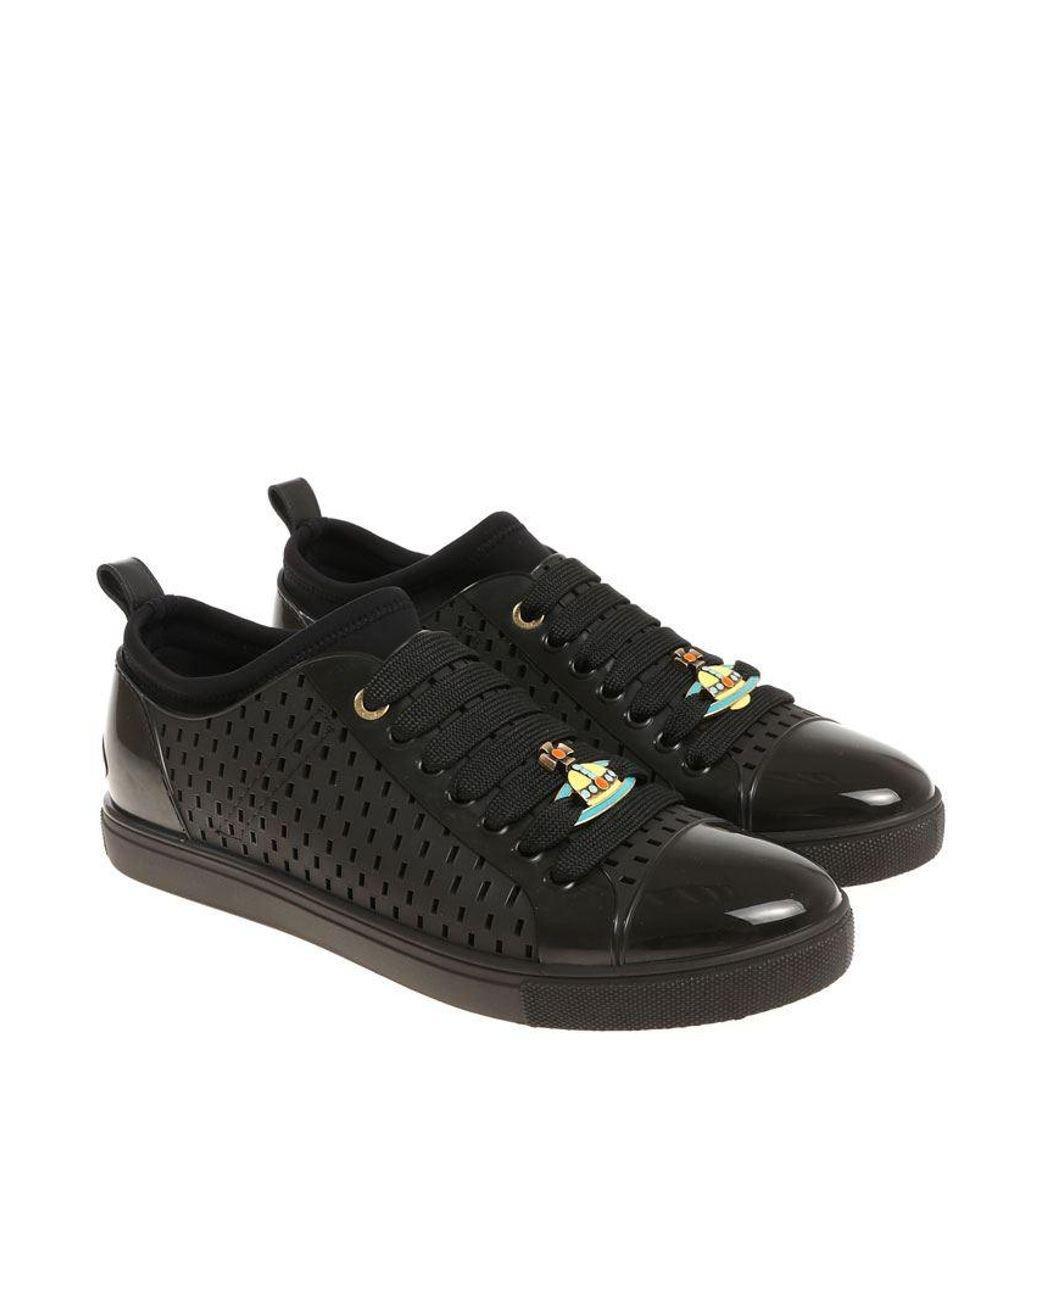 2de48466fc42b Vivienne Westwood Black Orb Sneakers in Black for Men - Lyst